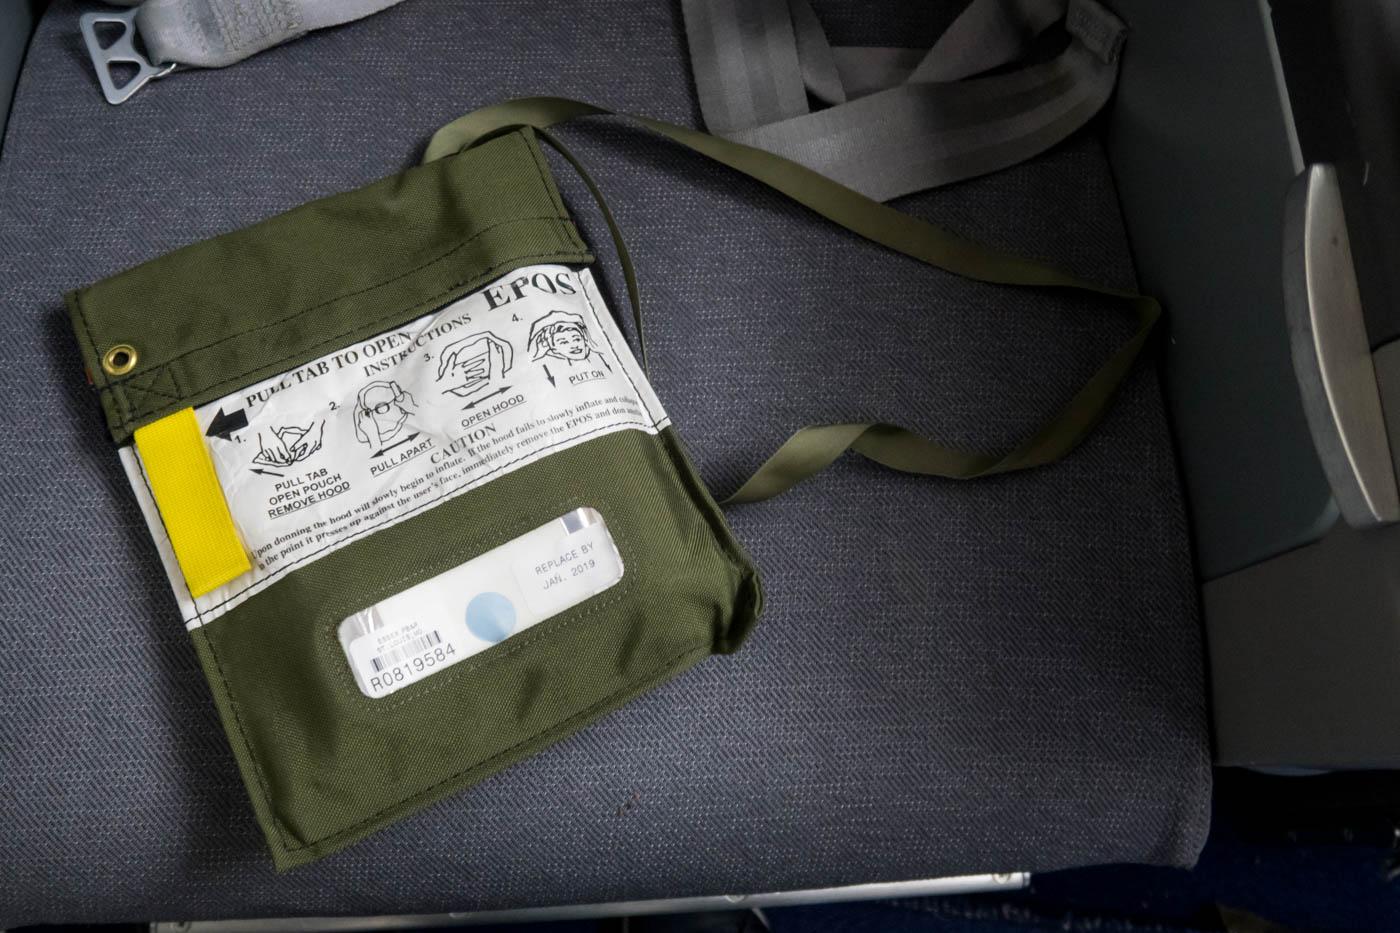 EPOS (Emergency Passenger Oxygen System)